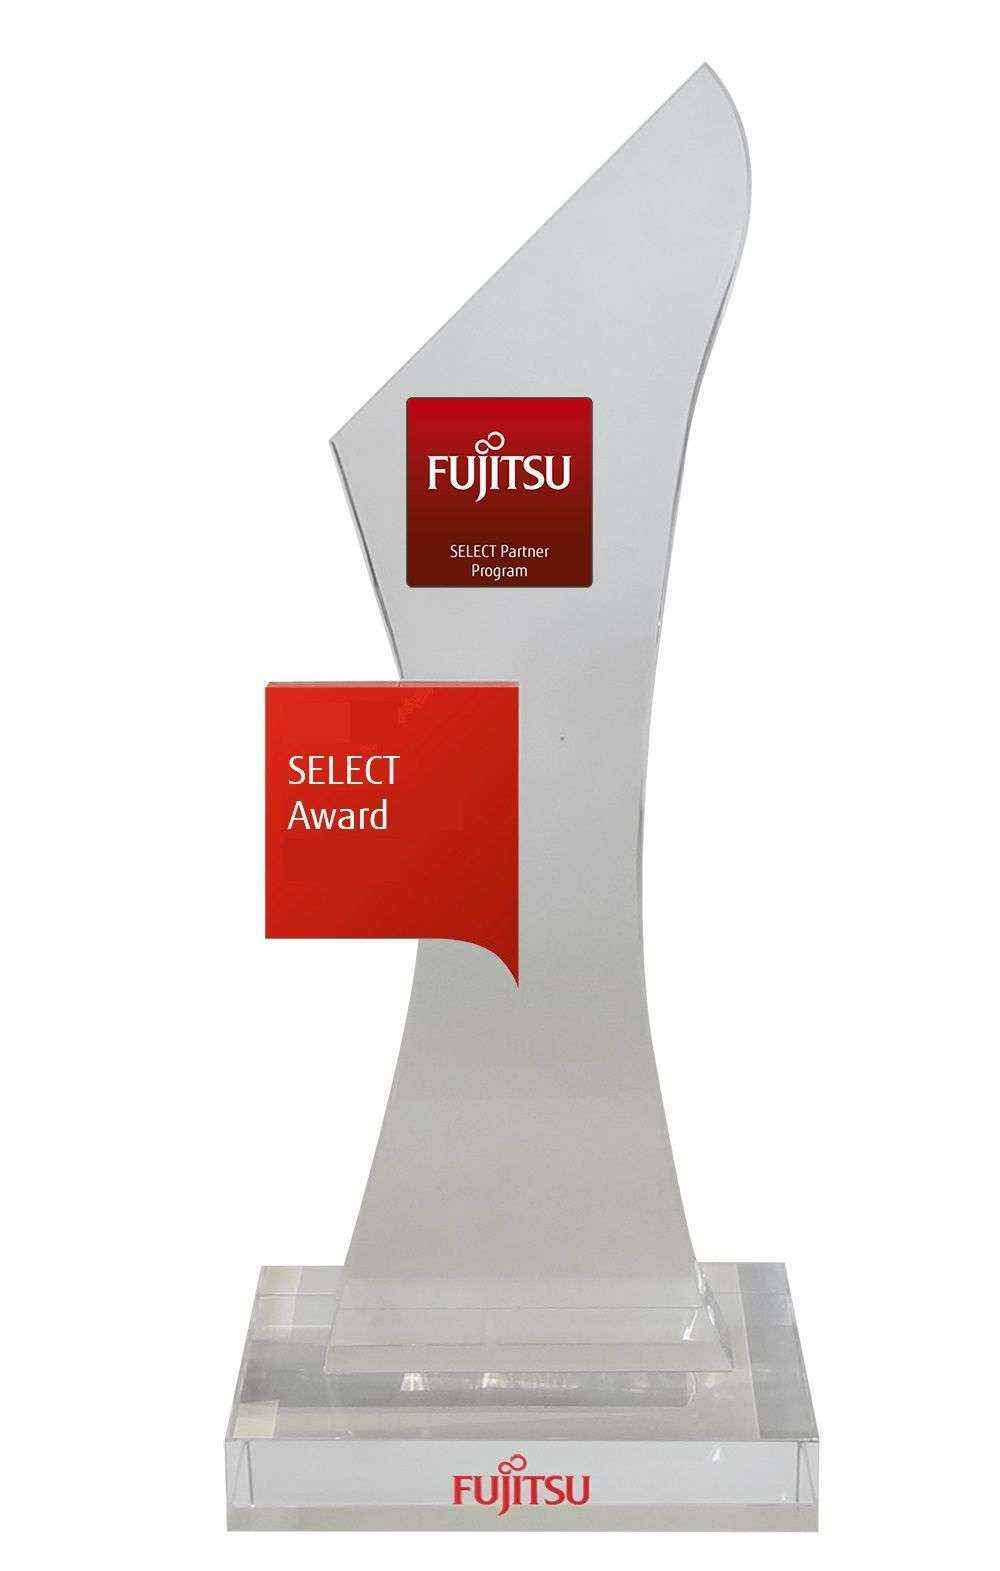 Fujitsu reconoce la innovación de su canal en la 7ª edición de los Annual SELECT Partner Innovation Awards